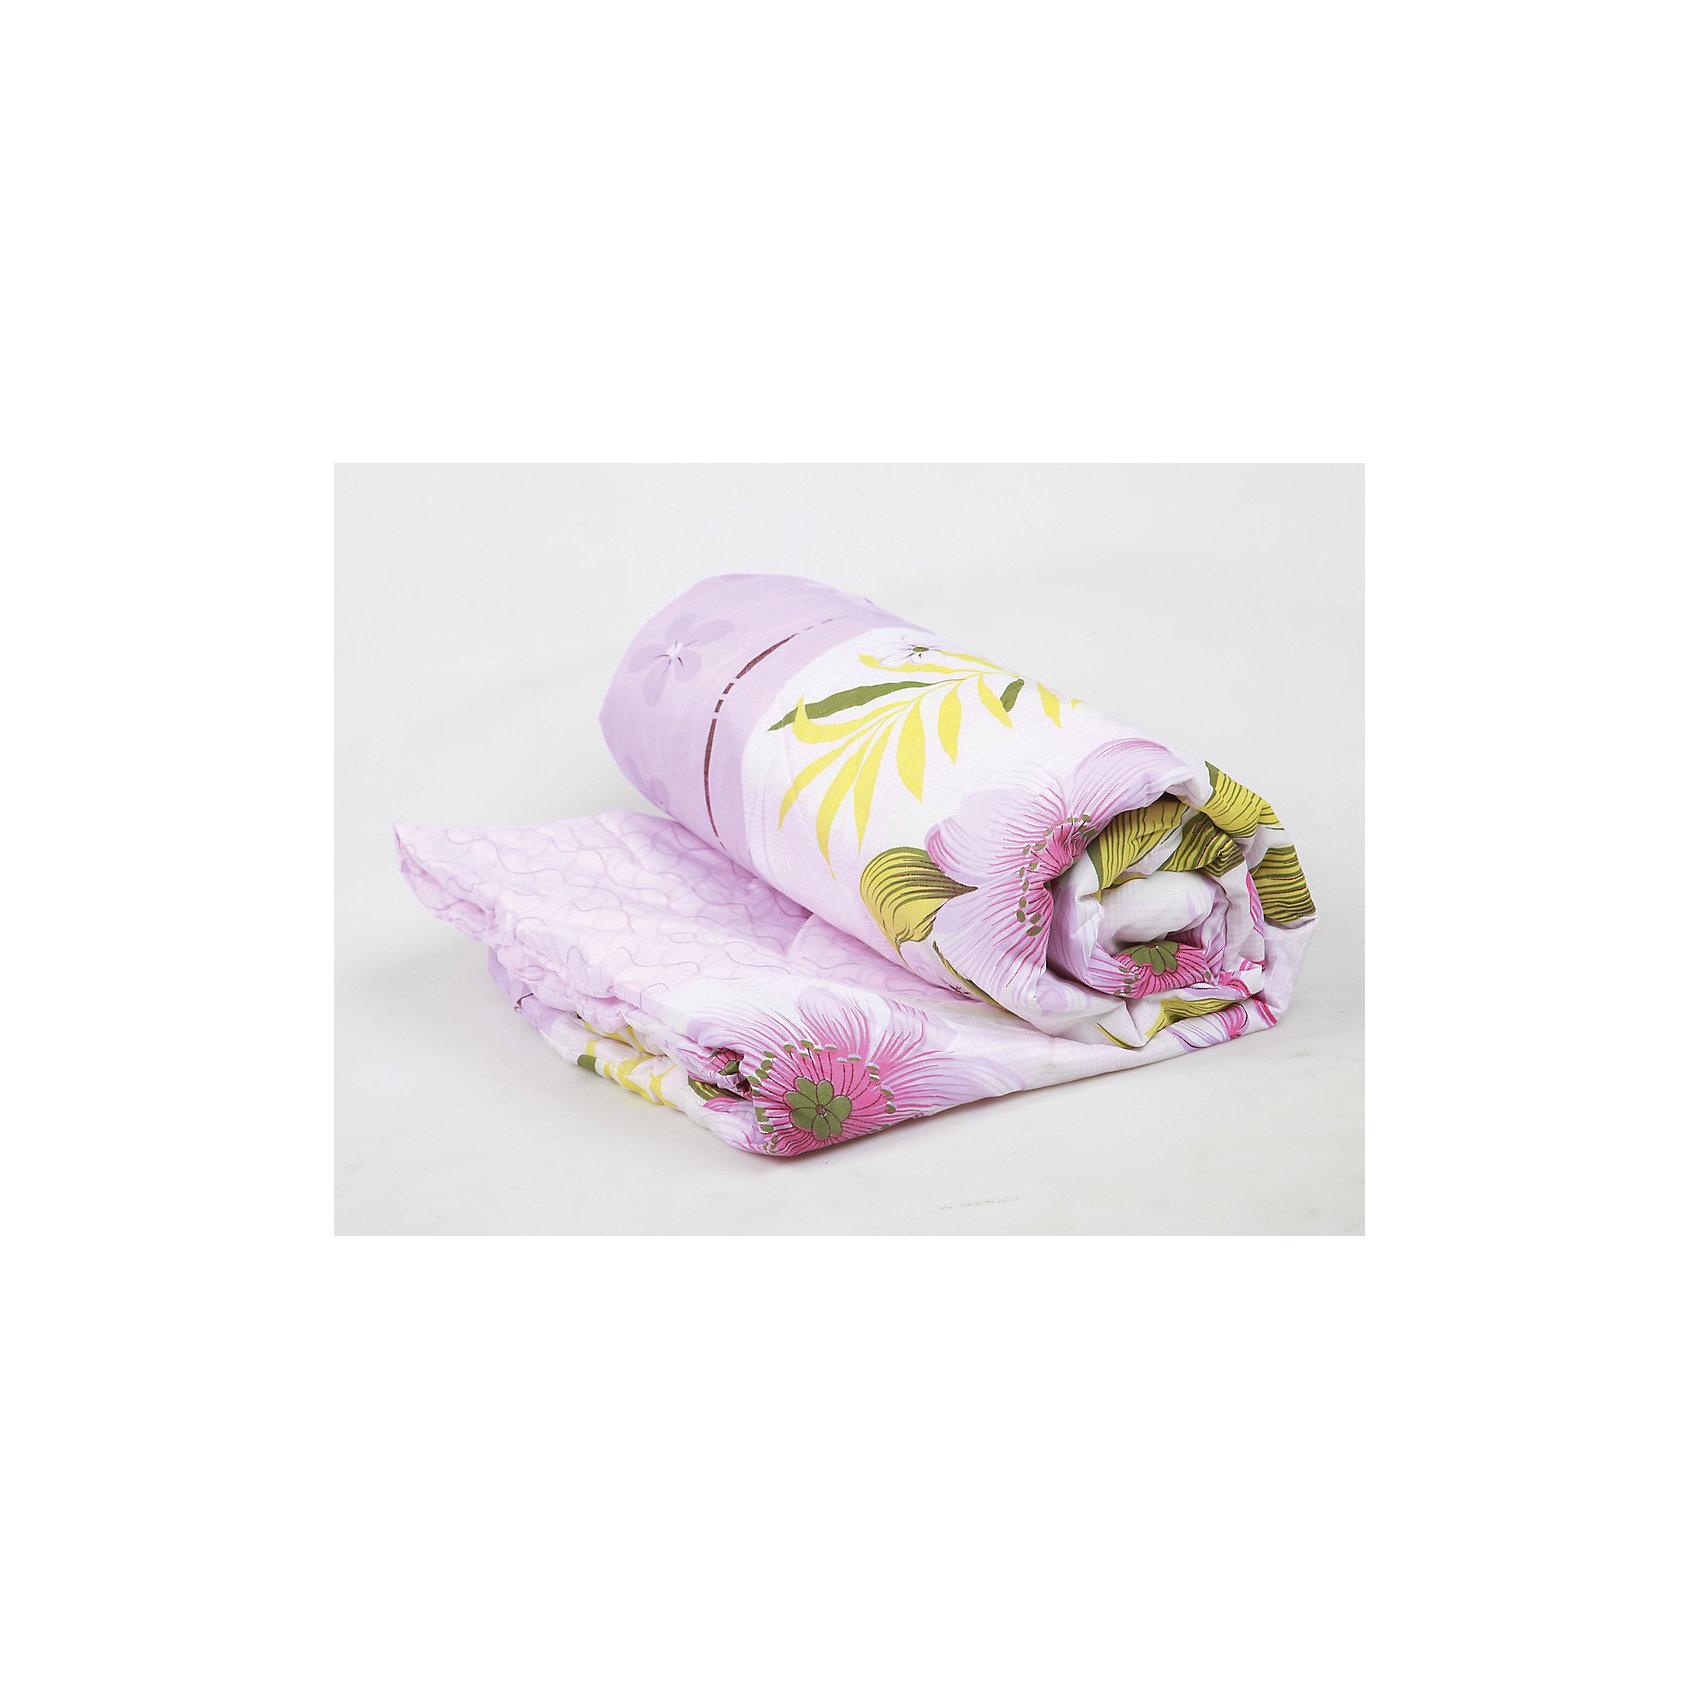 Одеяло шерстяное 140*205 облег., Mona LizaДомашний текстиль<br>Характеристики:<br><br>• Вид домашнего текстиля: одеяло<br>• Серия: Mona Liza Premium<br>• Сезон: круглый год<br>• Материал чехла: микрофибра <br>• Наполнитель: 30% верблюжья шерсть, 70% силиконизированное полотно<br>• Цвет: молочный<br>• Размеры (Д*Ш): 140*205 см <br>• Тип упаковки: полиэтиленовая сумка с ручками<br>• Вес в упаковке: 1 кг 400 г<br>• Особенности ухода: машинная стирка при температуре 30 градусов<br><br>Одеяло шерстяное 140*205 облег., Mona Liza изготовлено под отечественным торговым брендом, выпускающим постельные принадлежности из натуральных тканей и качественных наполнителей. Одеяло выполнено из микрофибры, для которой характерны хорошие гигроскопичные и воздухопроницаемые свойства. В качестве наполнителя использовано сочетание верблюжей шерсти и силиконизированного волокна, такое сочетание обеспечивает повышенную терморегуляцию,  длительное время сохраняет объем и форму. Плотность наполнителя одеяла составляет 200 г/м2, что делает его особенно теплым, но при этом легким по весу. <br>Одеяло шерстяное 140*205 облег., Mona Liza – домашний текстиль, соответствующий международным стандартам качества и безопасности!<br><br>Одеяло шерстяное 140*205 облег., Mona Liza можно купить в нашем интернет-магазине.<br><br>Ширина мм: 540<br>Глубина мм: 160<br>Высота мм: 460<br>Вес г: 1450<br>Возраст от месяцев: 84<br>Возраст до месяцев: 216<br>Пол: Женский<br>Возраст: Детский<br>SKU: 5165697